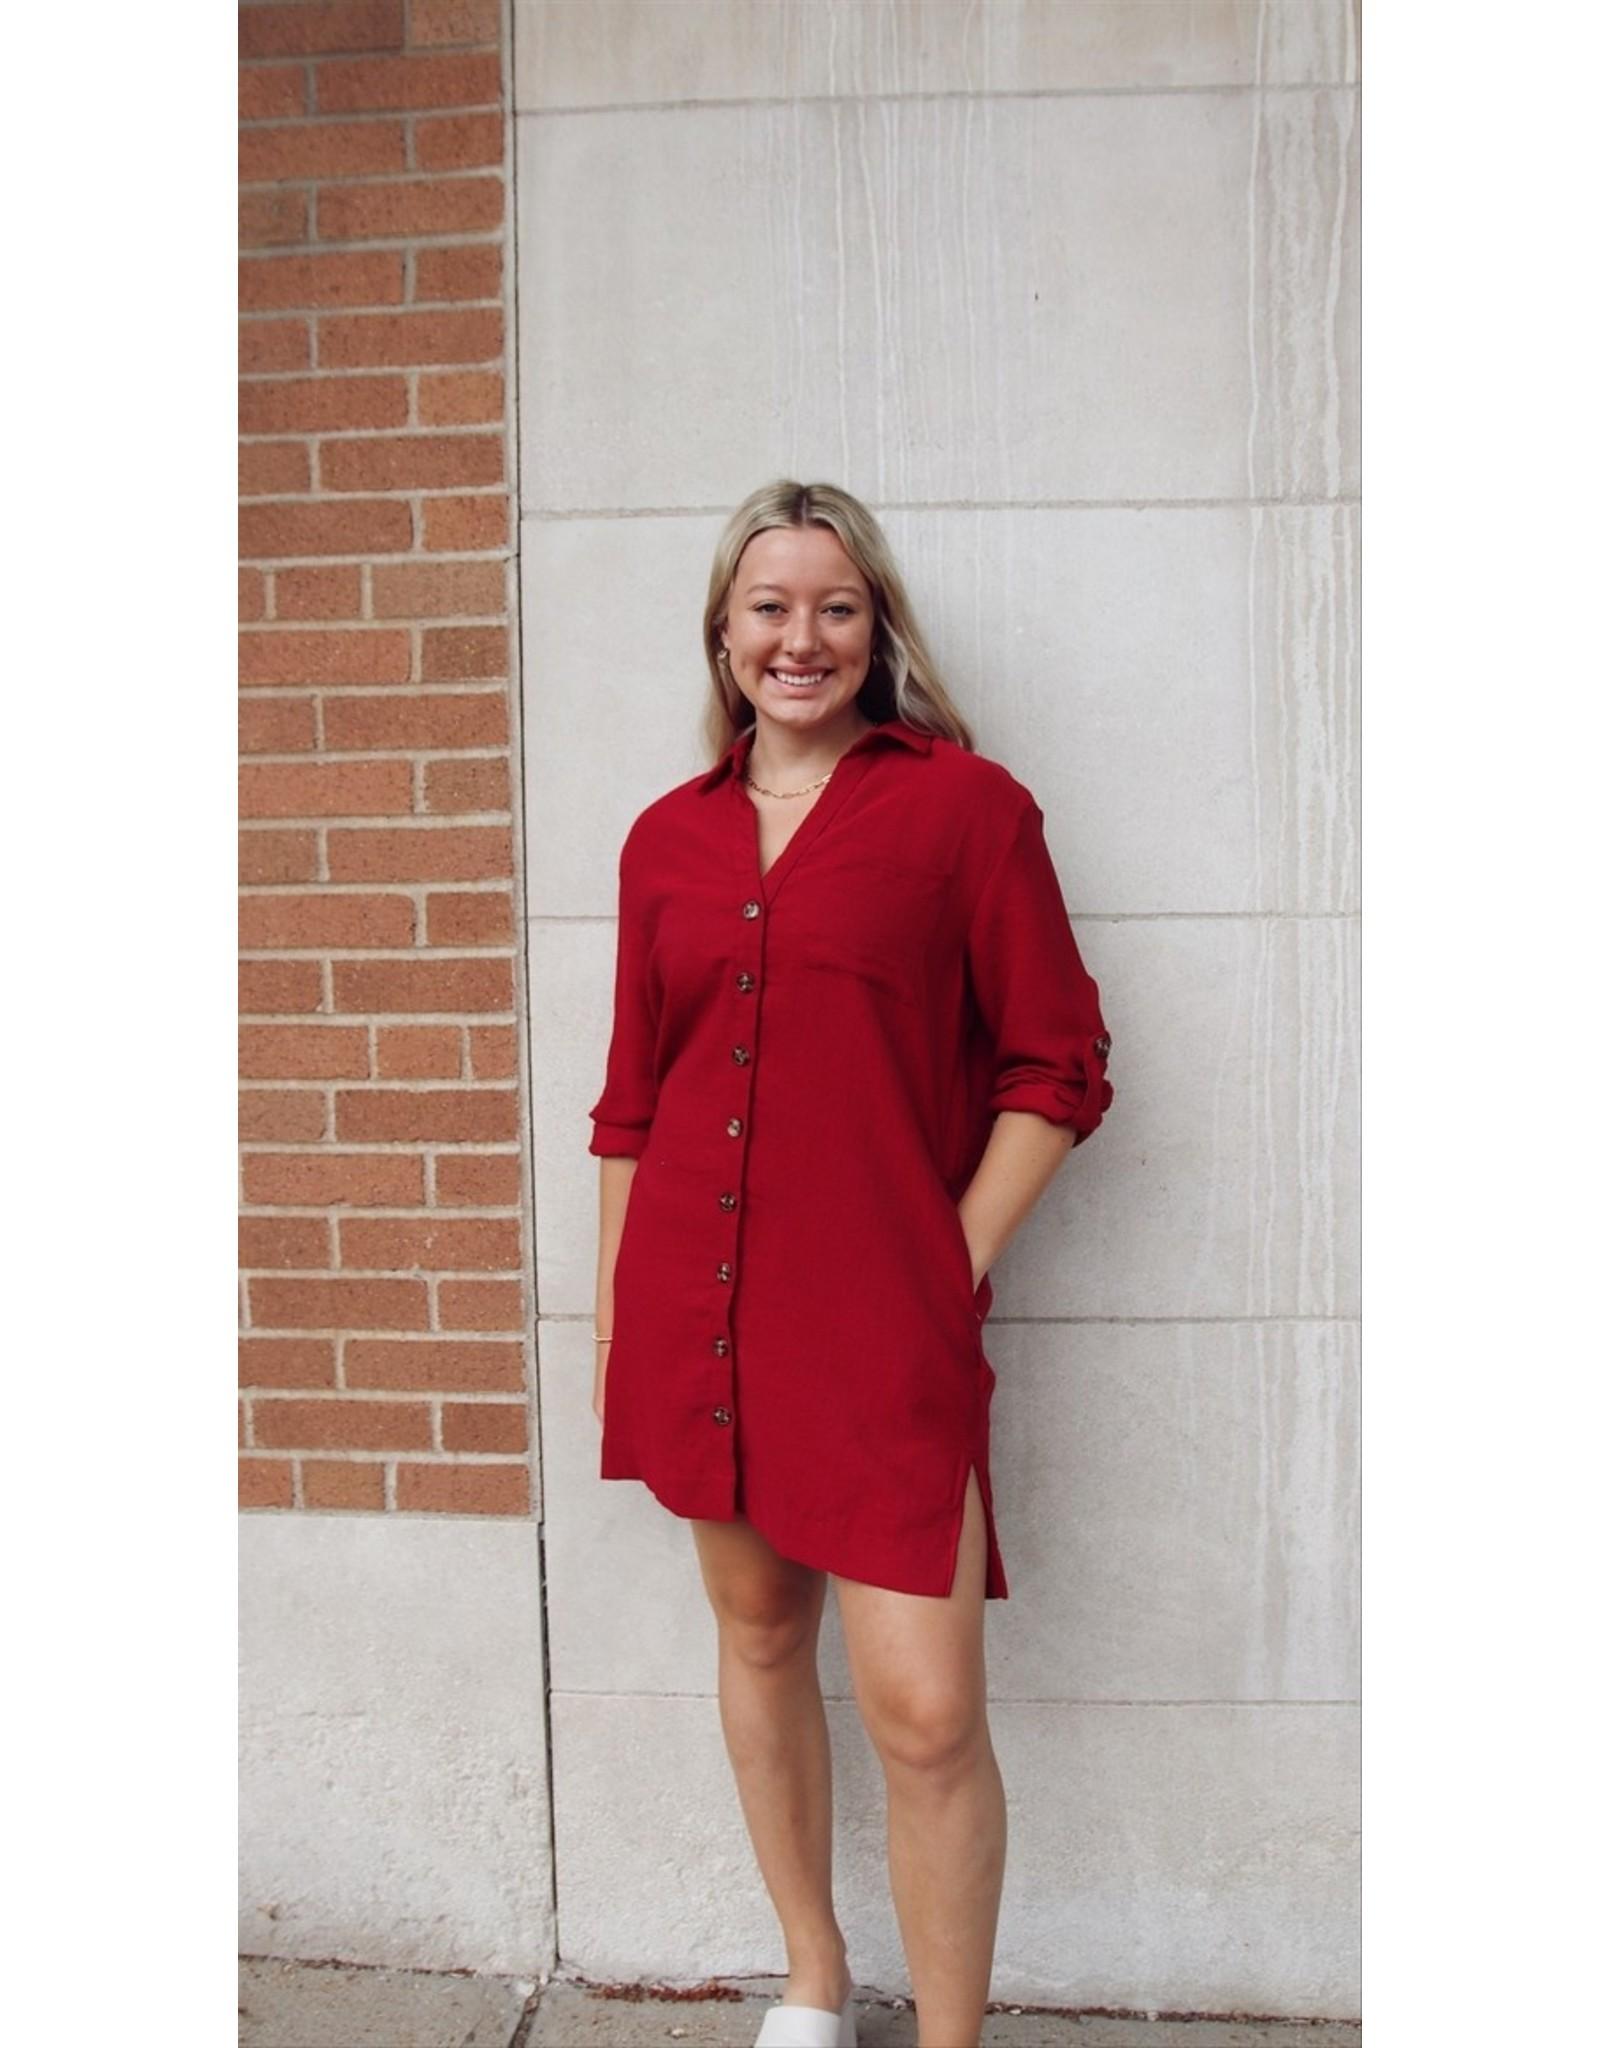 BLEU LT CORDUROY DRESS